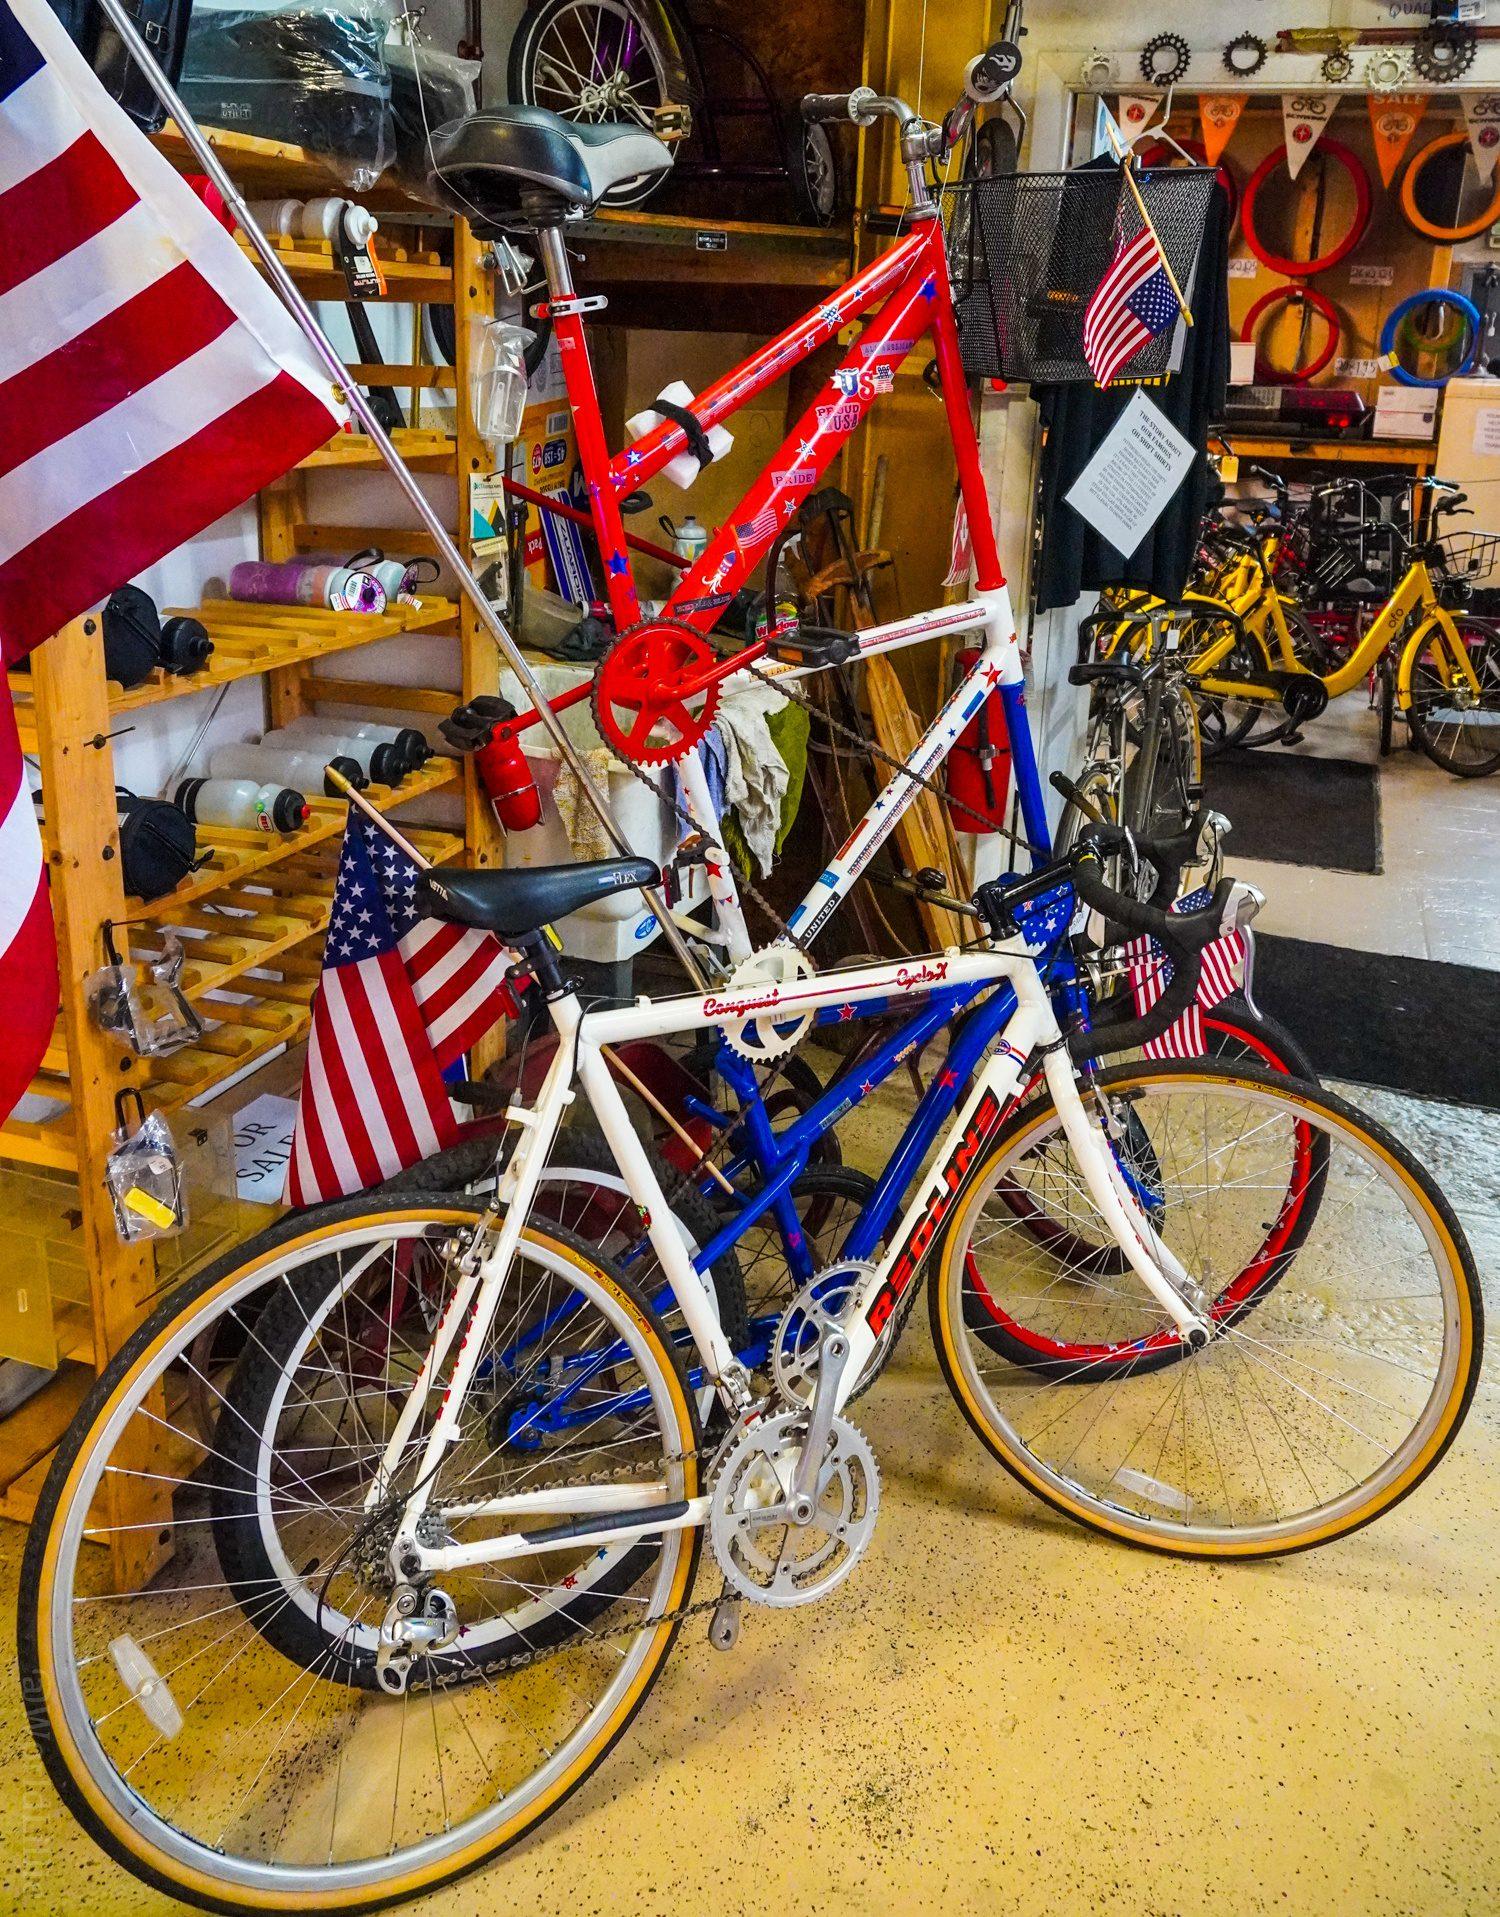 A triple-decker bicycle!